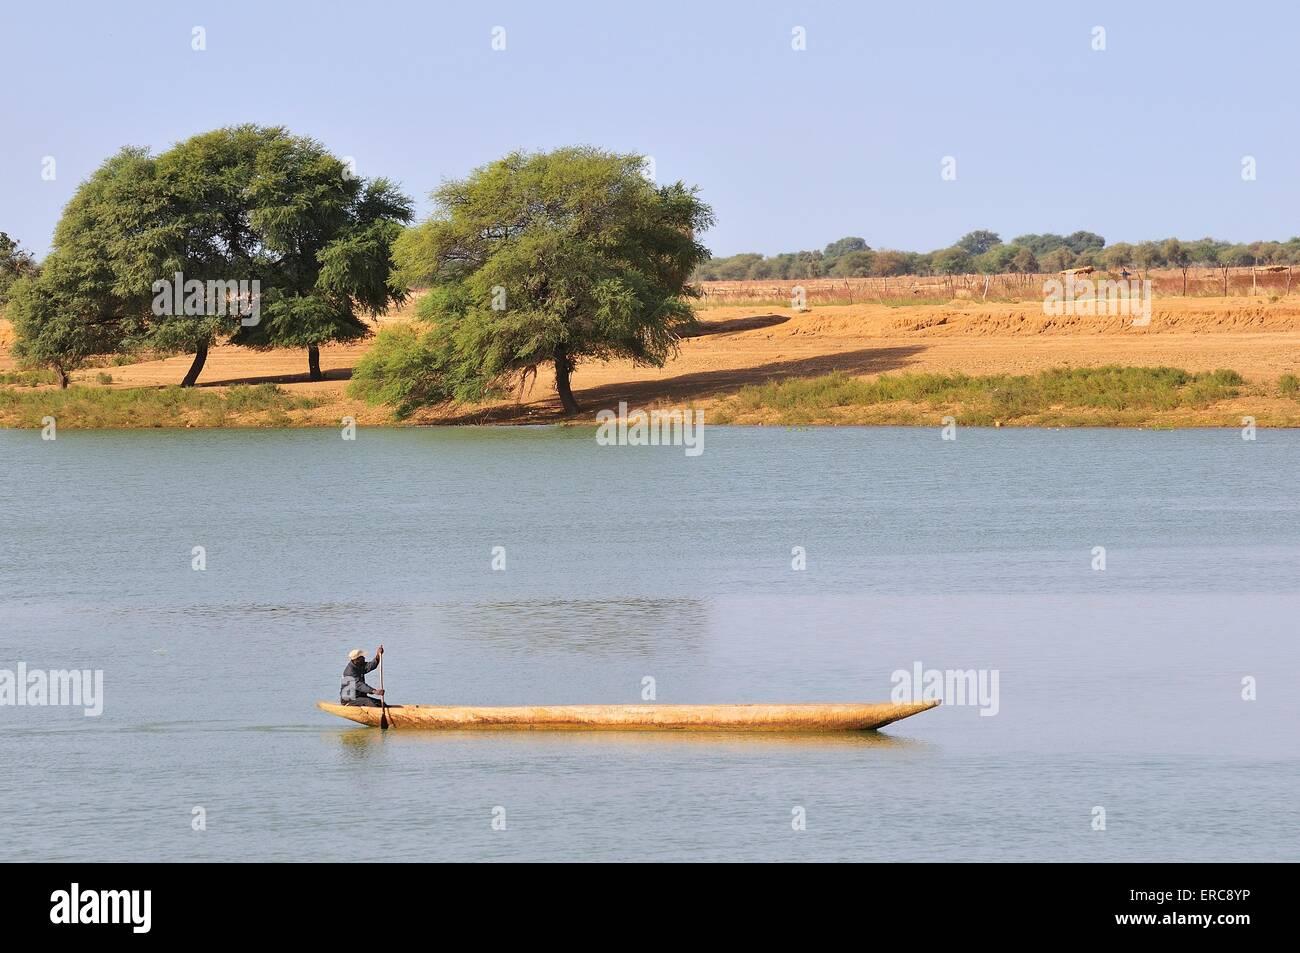 Piroga sul fiume Senegal in boga, regione Brakna, Mauritania Immagini Stock